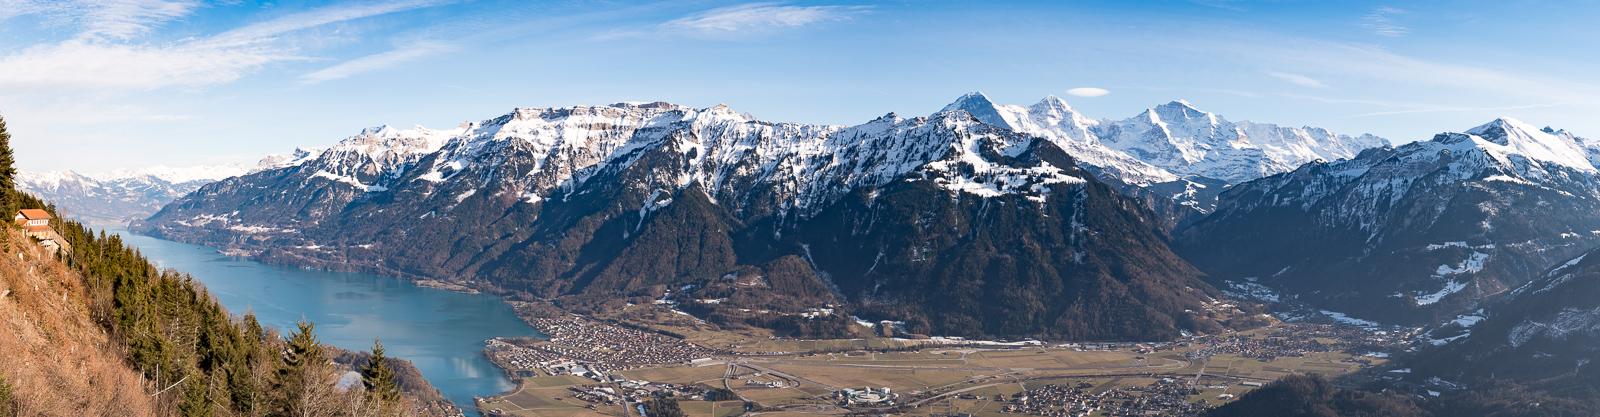 Brienzer See, Eiger, Mönch und Jungfrau